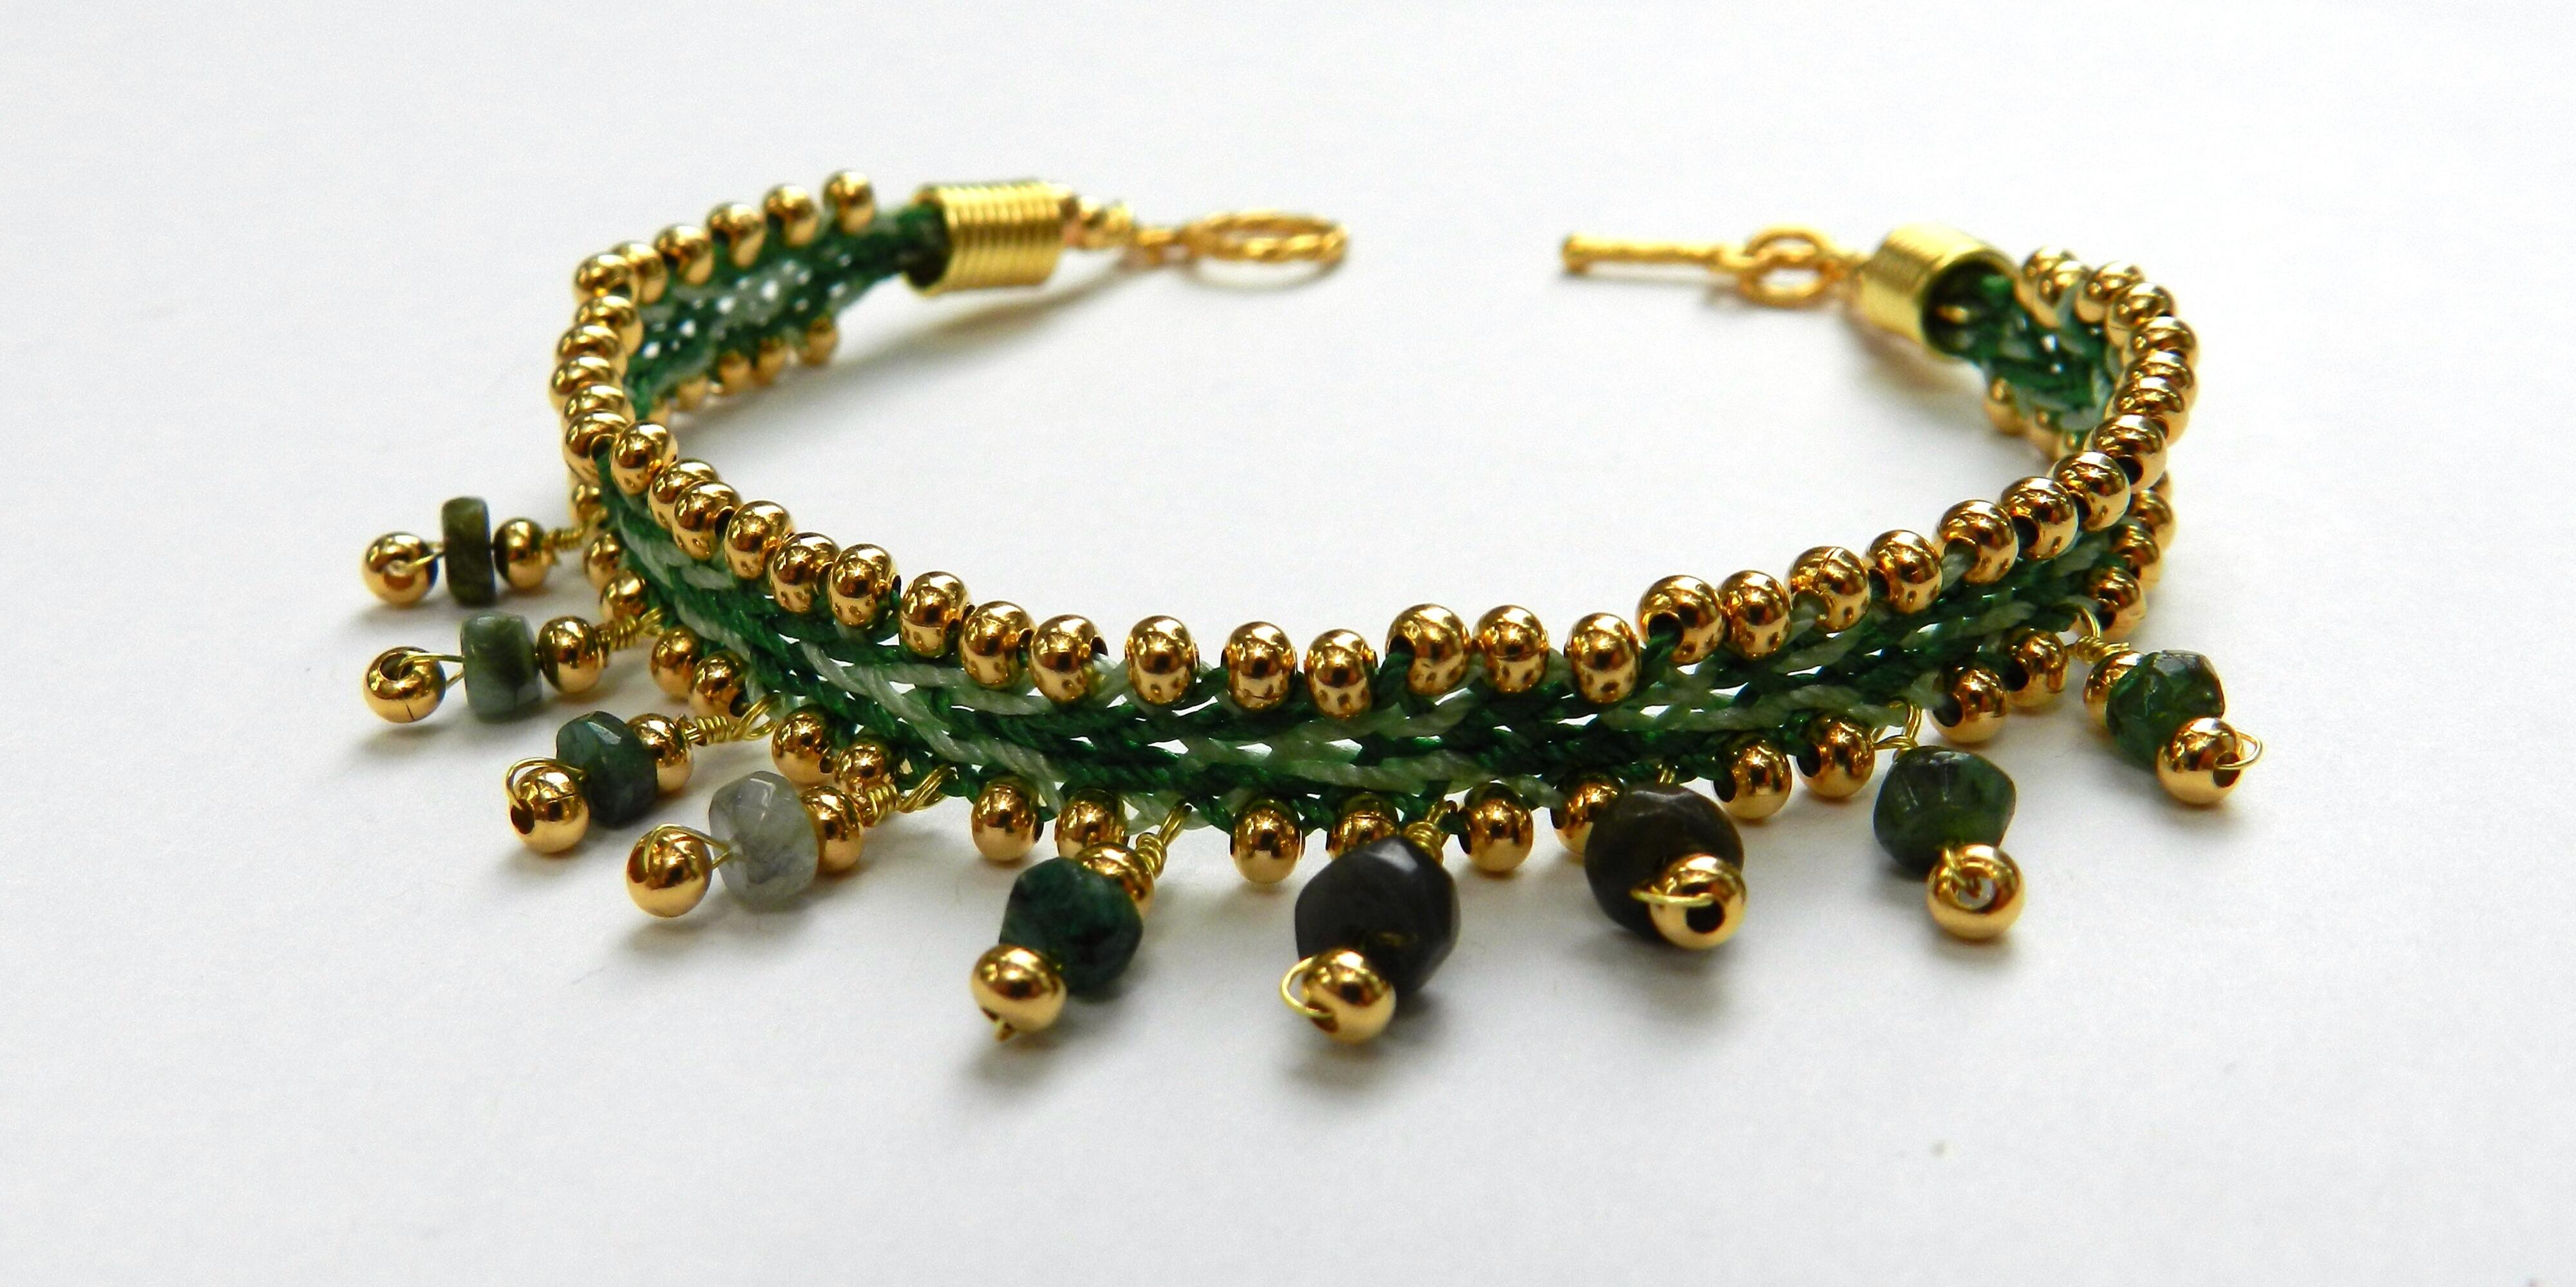 Kumihimo made using metal seed beads and emeralds